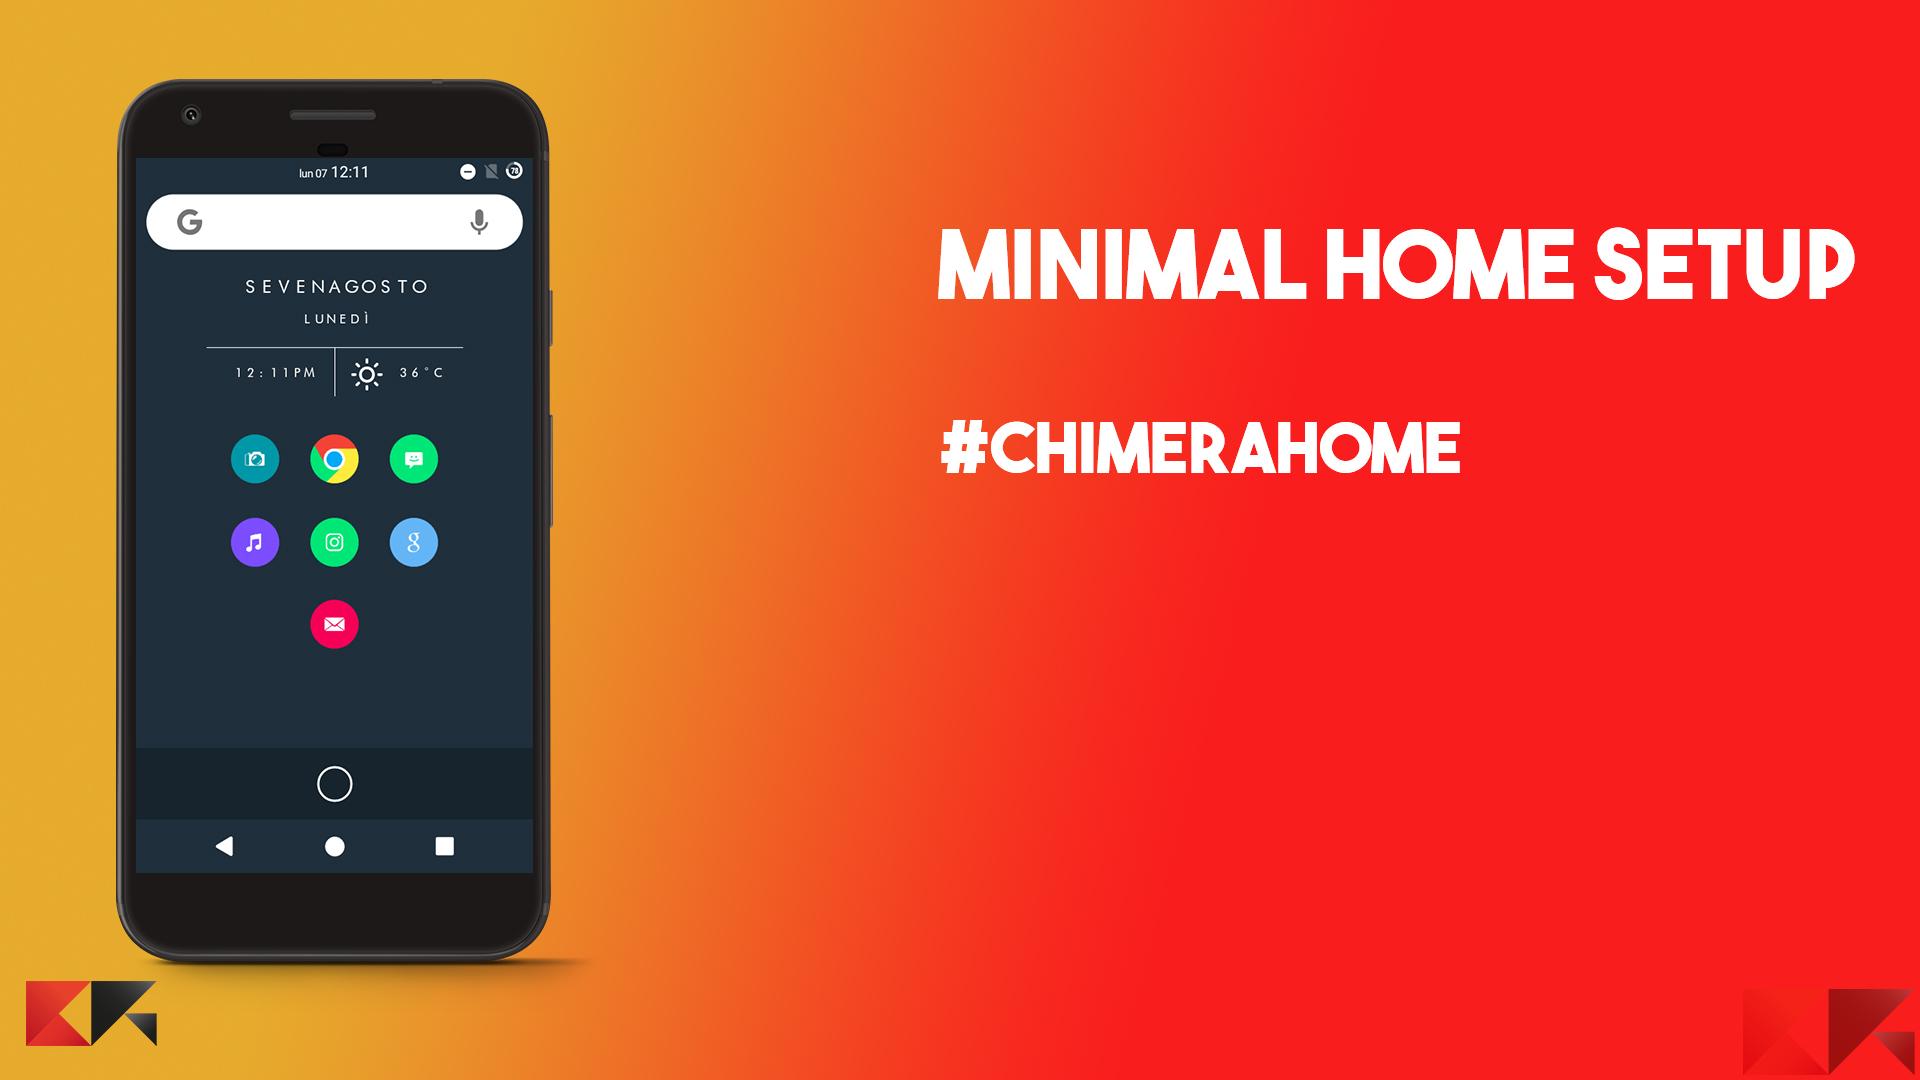 Personalizzare android minimal home setup chimerahome - Rubrica android colori diversi ...